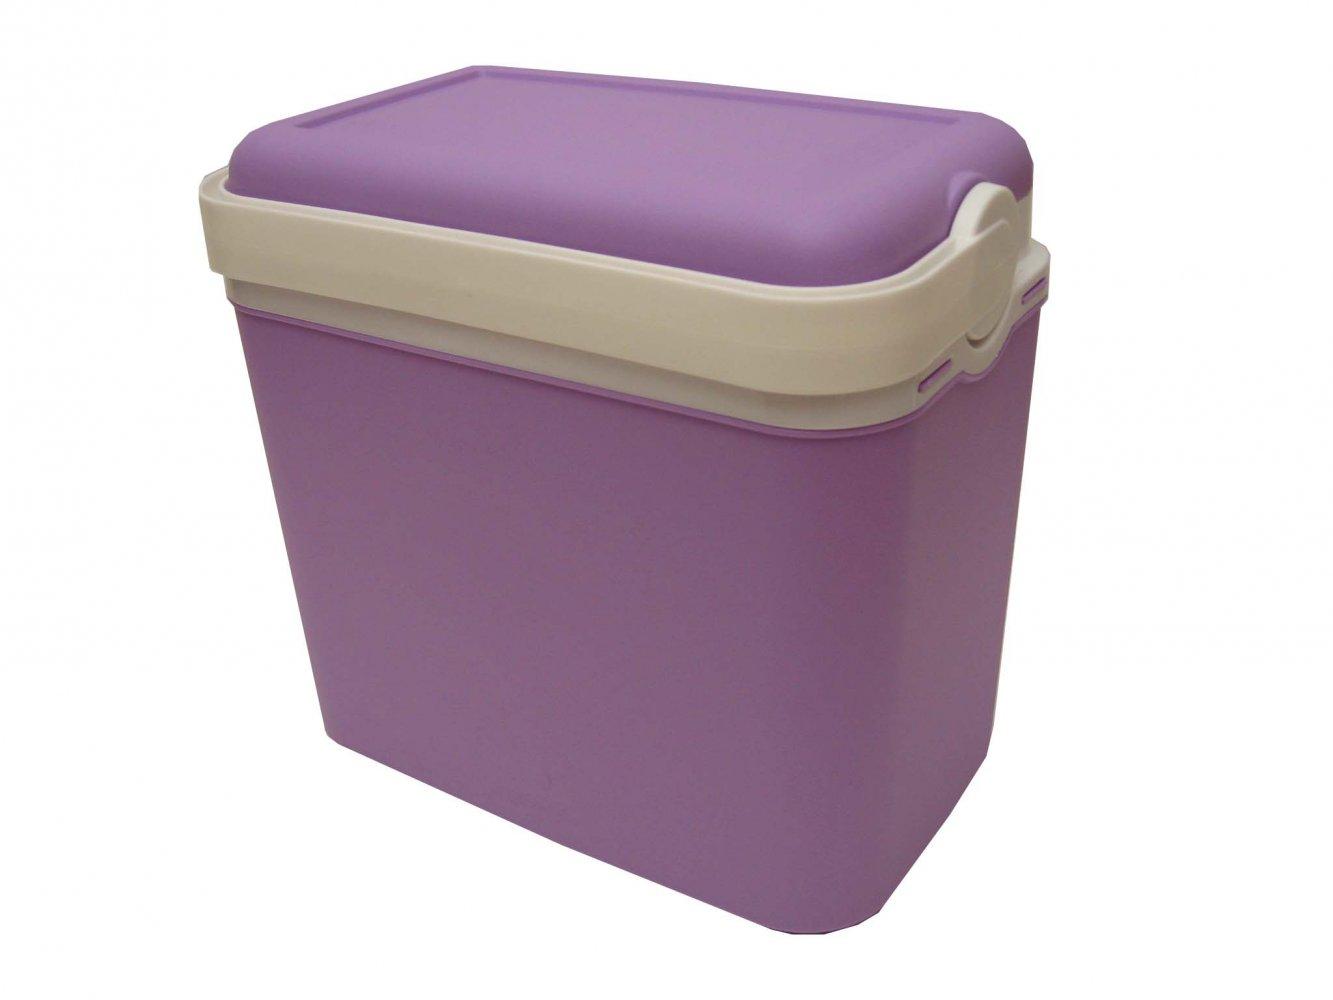 Chladící box Adriatic 10l fialový